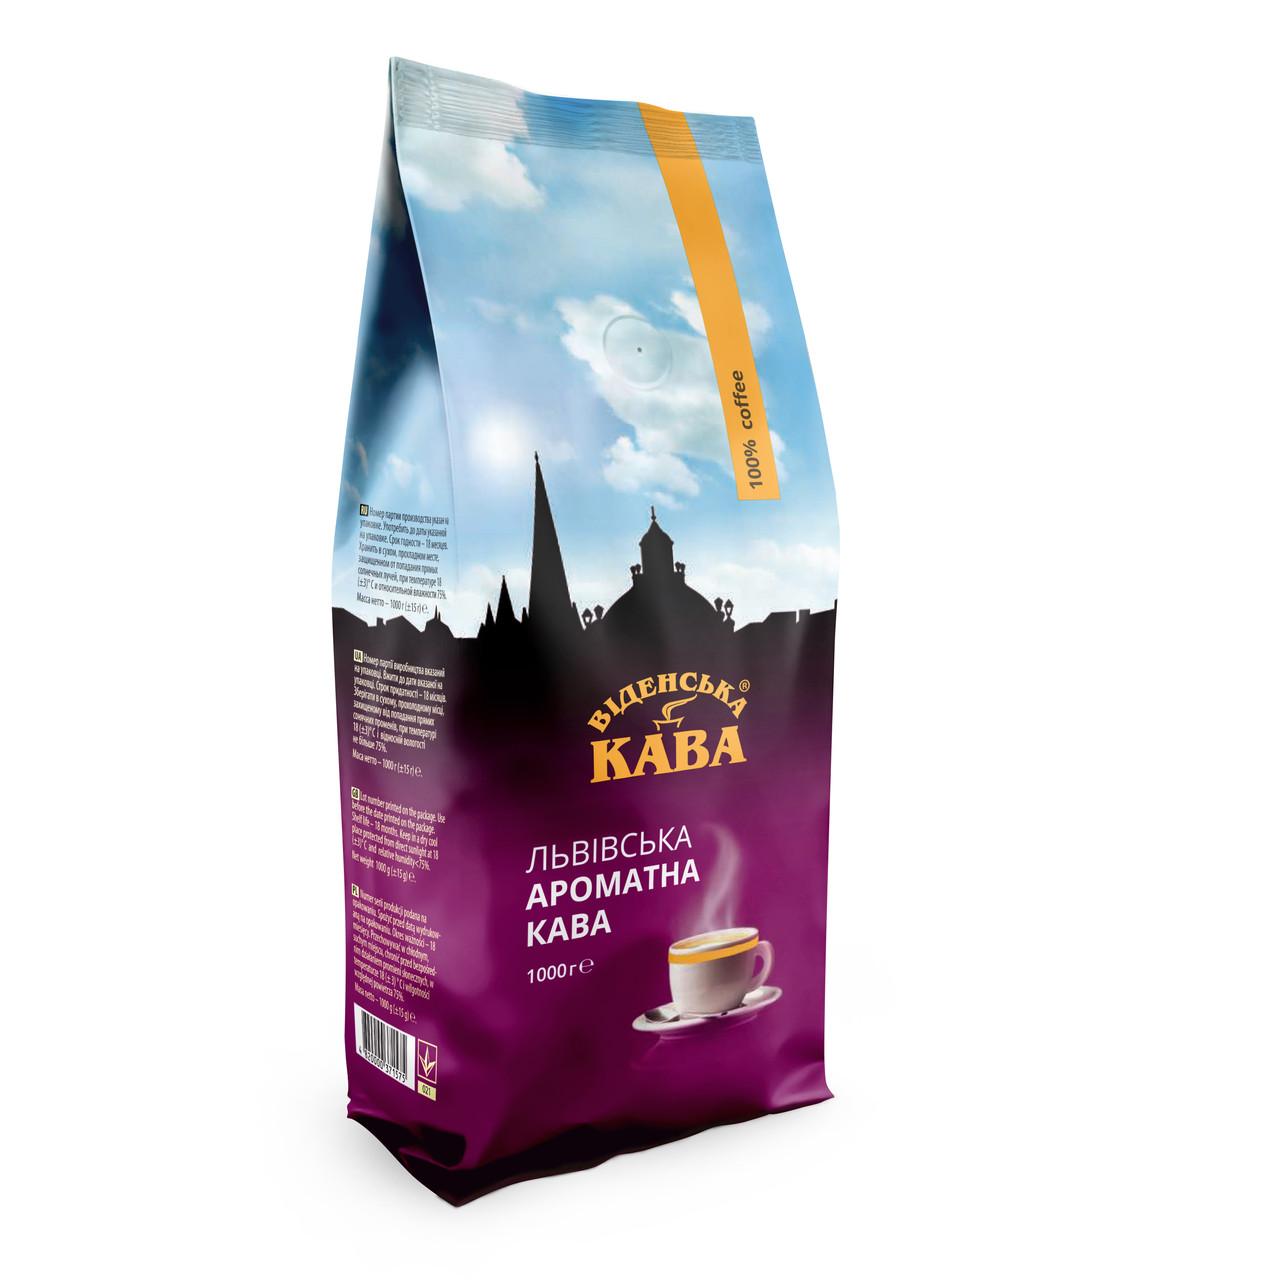 Віденська кава Львівська Ароматна кофе в зернах 1 кг